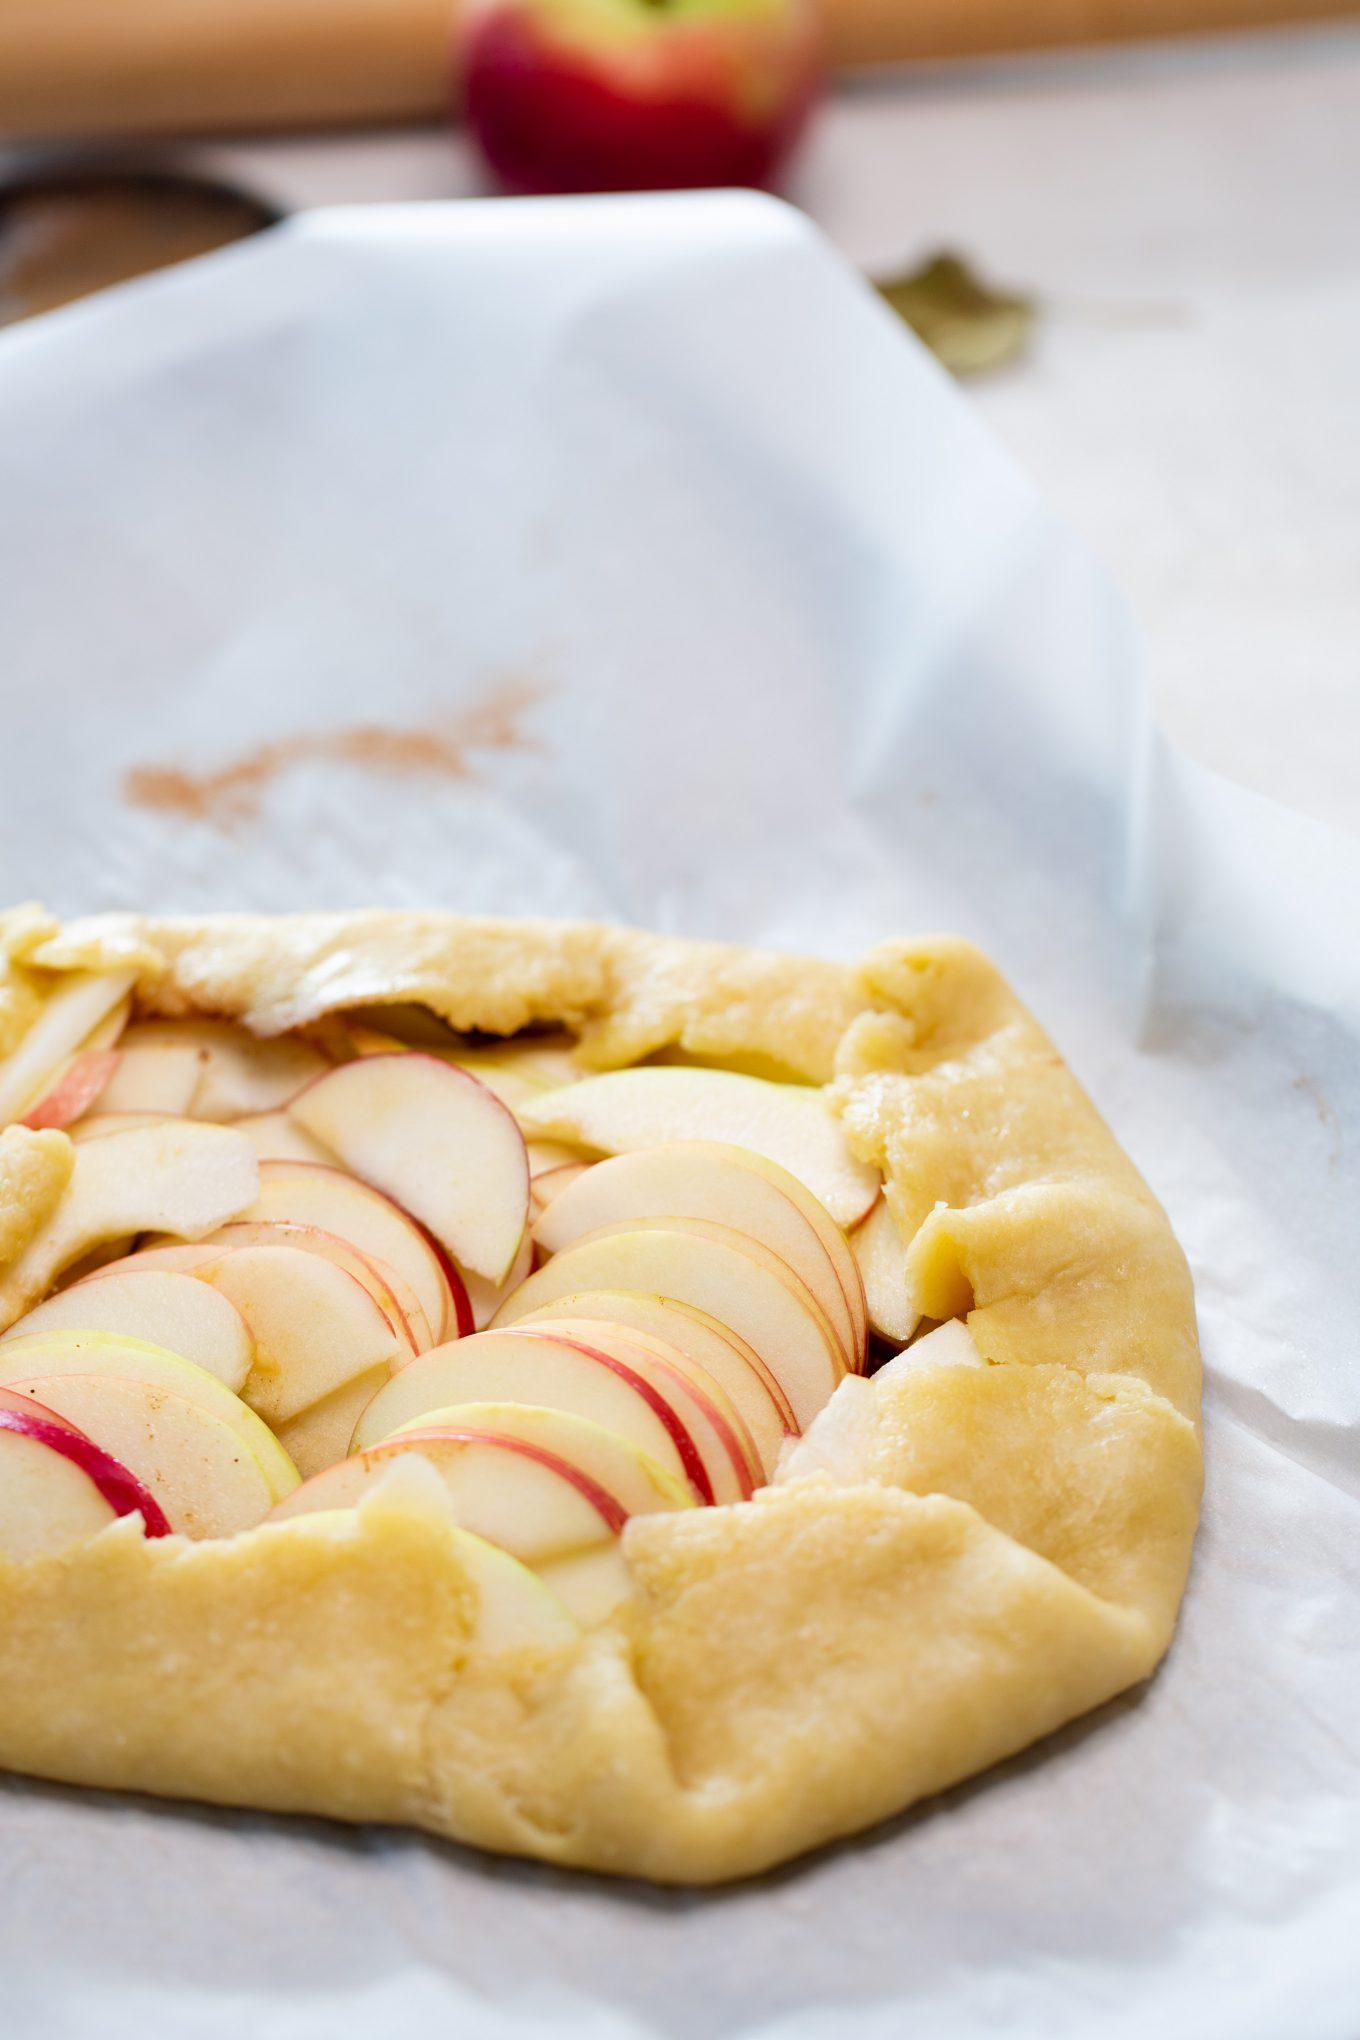 Galette de manzana antes de meter al horno